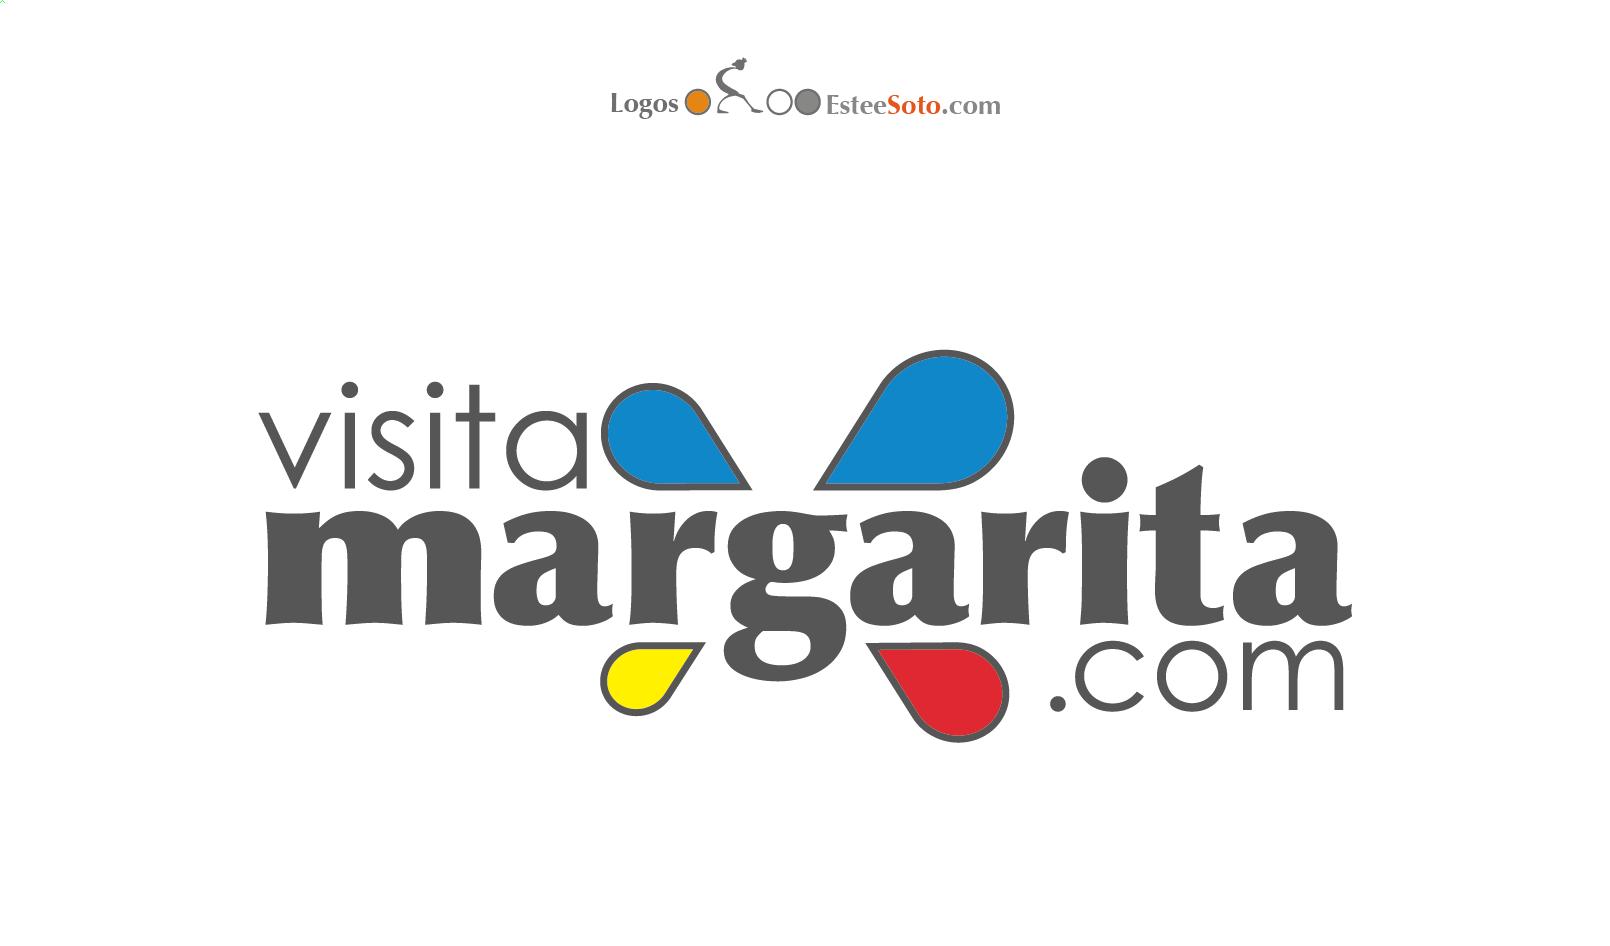 VisitaMargarita.com